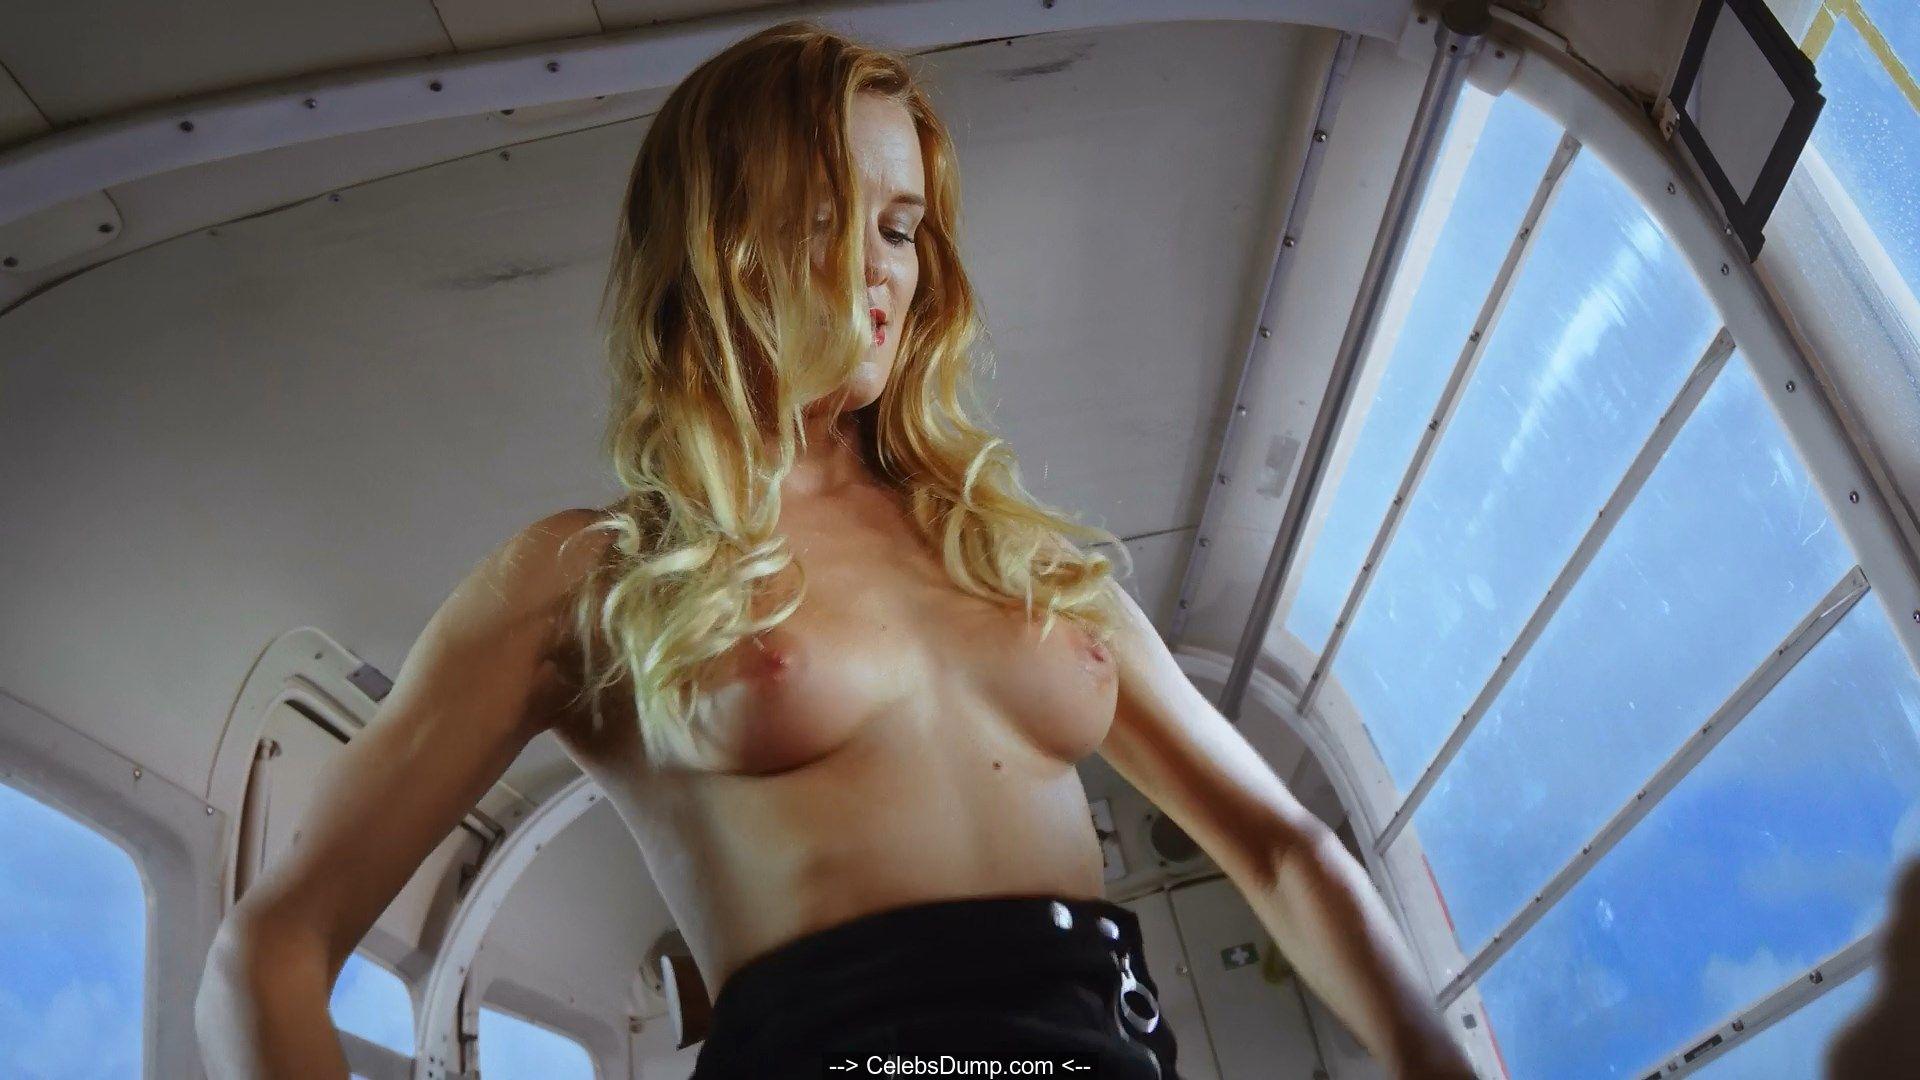 Jade nude celebrity